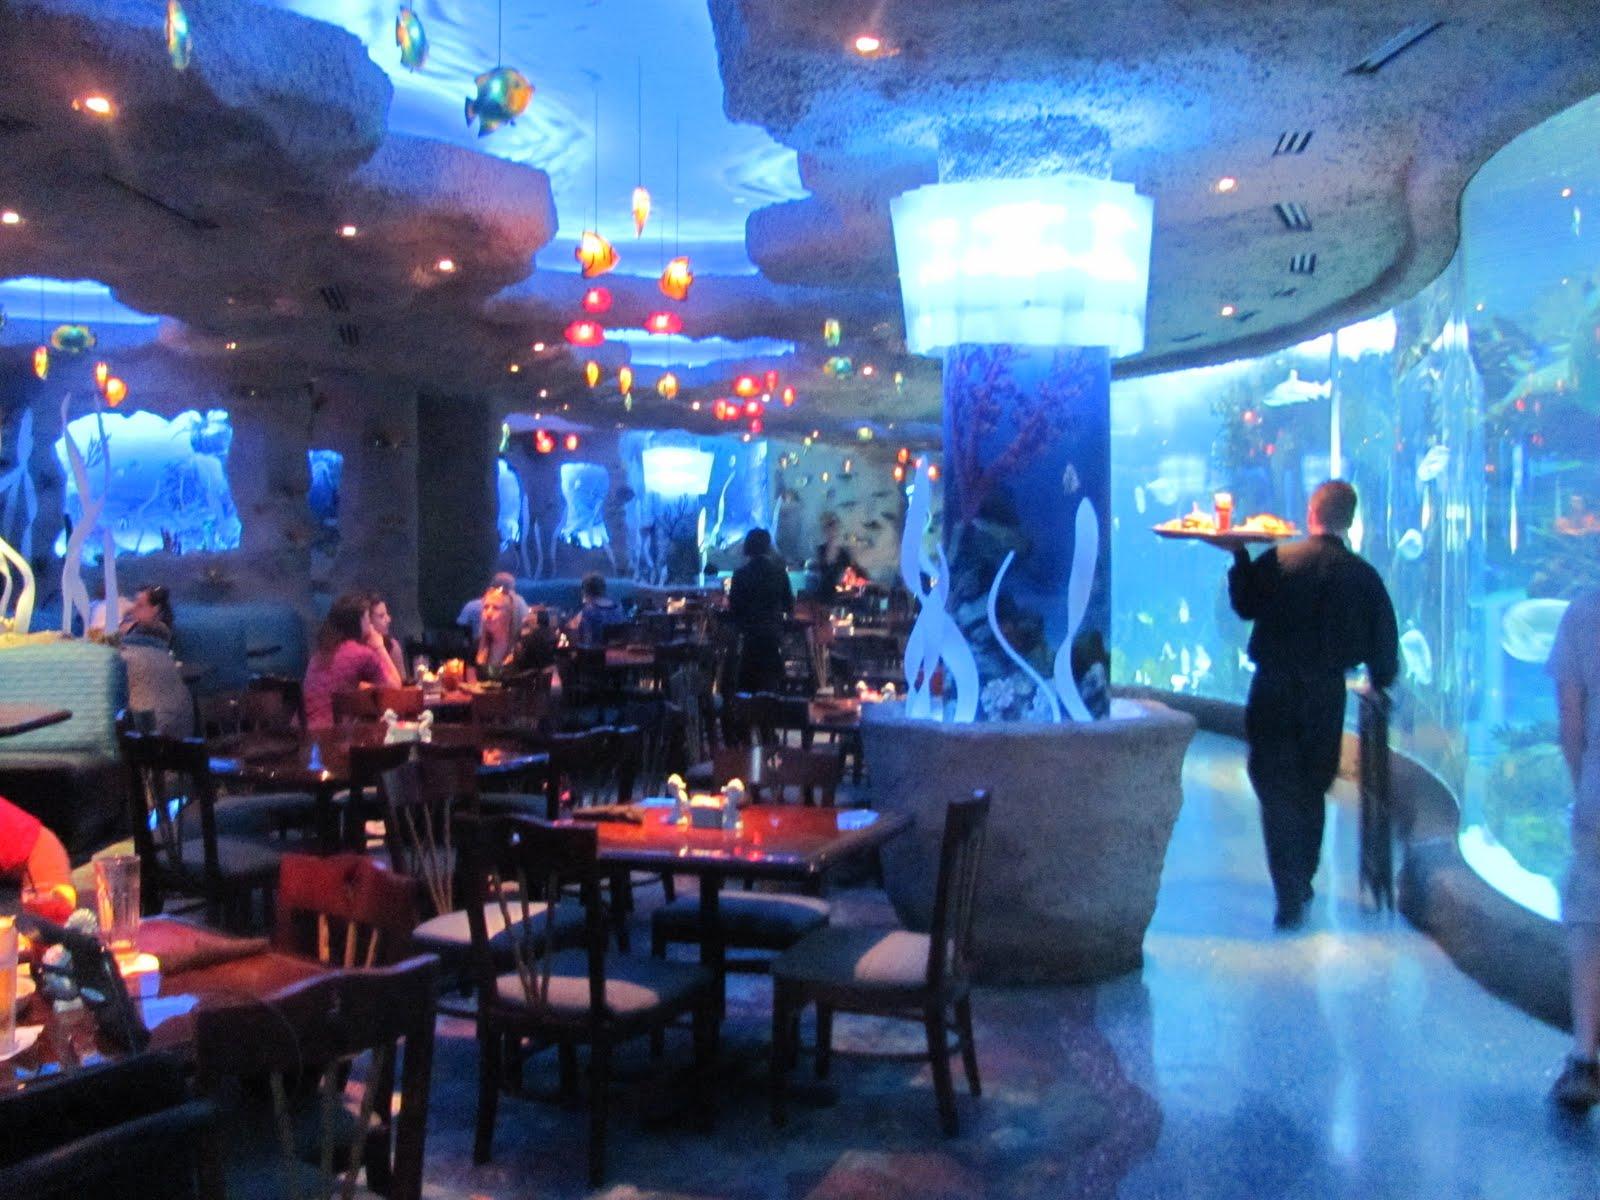 Aquarium Resteraunt Nashville Images Frompo 1